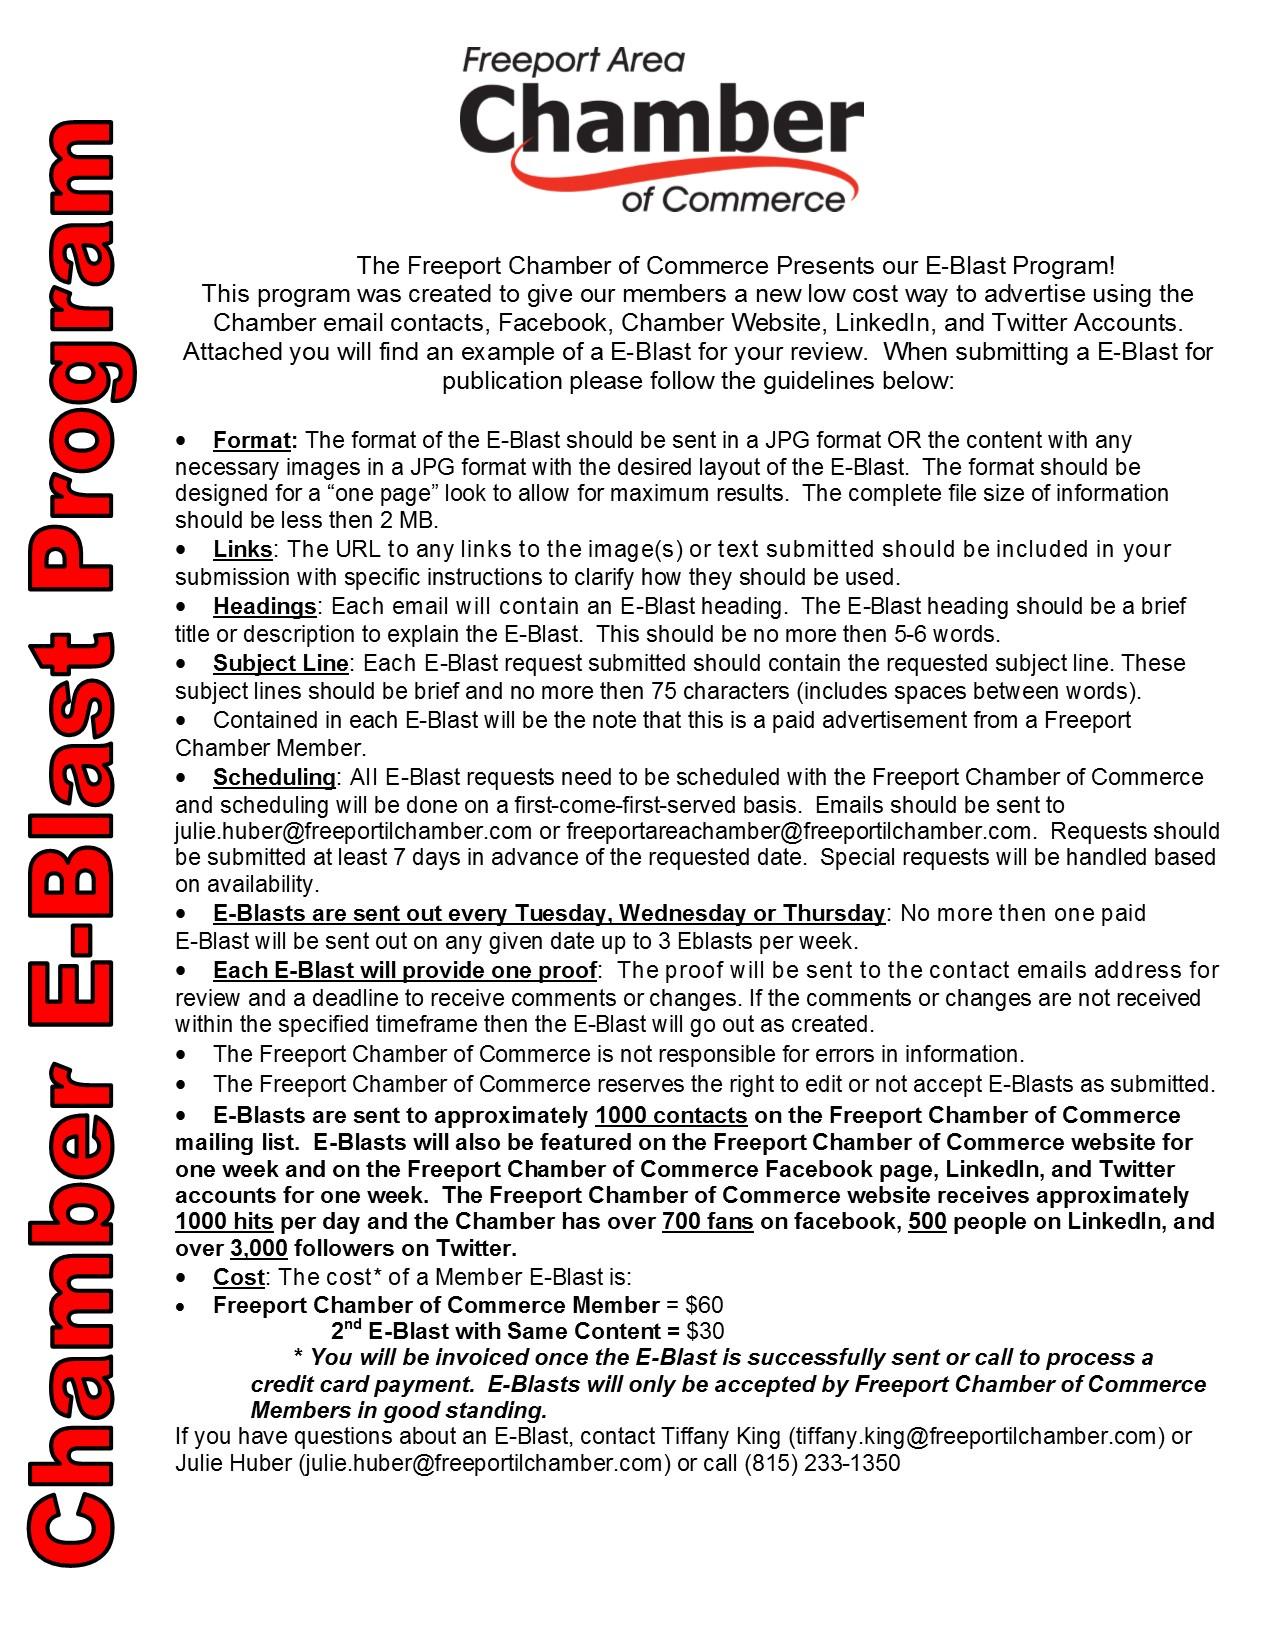 Eblast-Guidelines.jpg